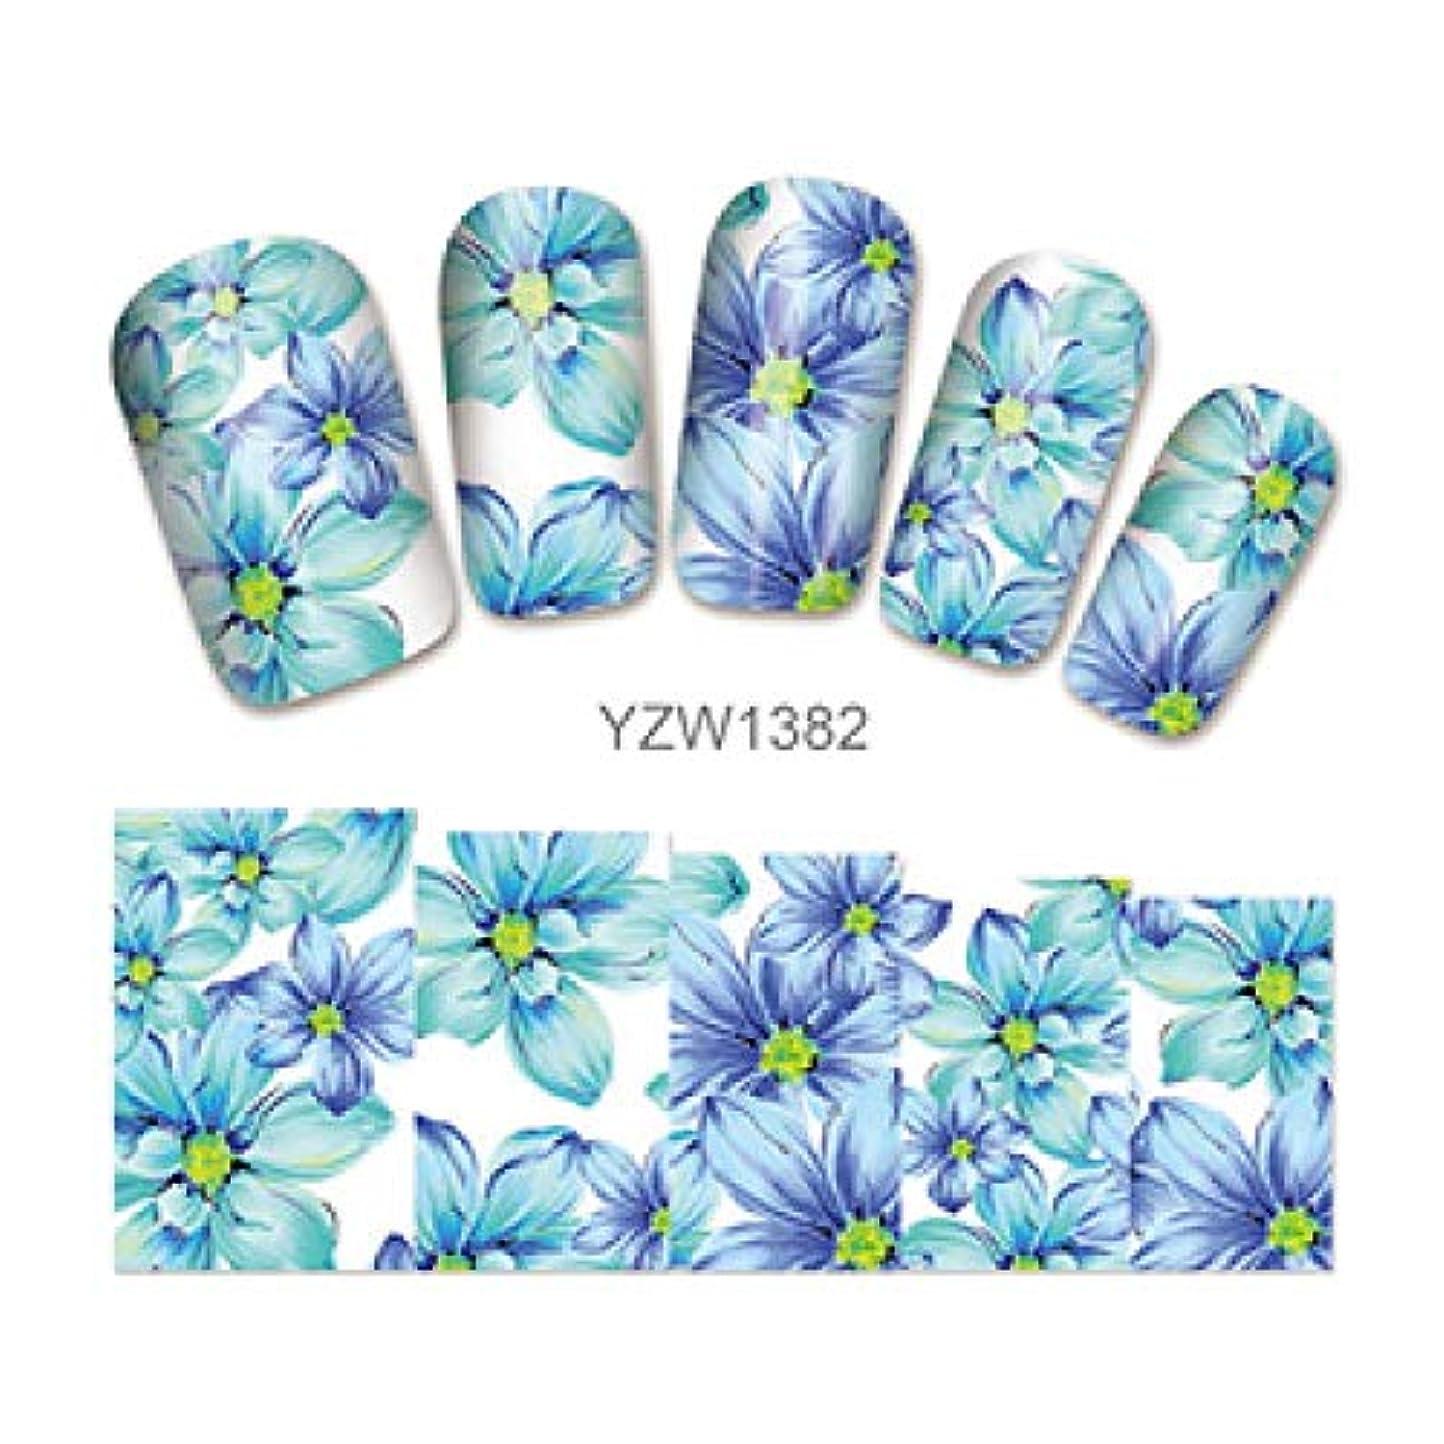 言う注ぎます着るSUKTI&XIAO ネイルステッカー 1枚のシートの釘、Yzw1382のための任意完全なカバー釘水ステッカーの多彩な花模様のステッカー